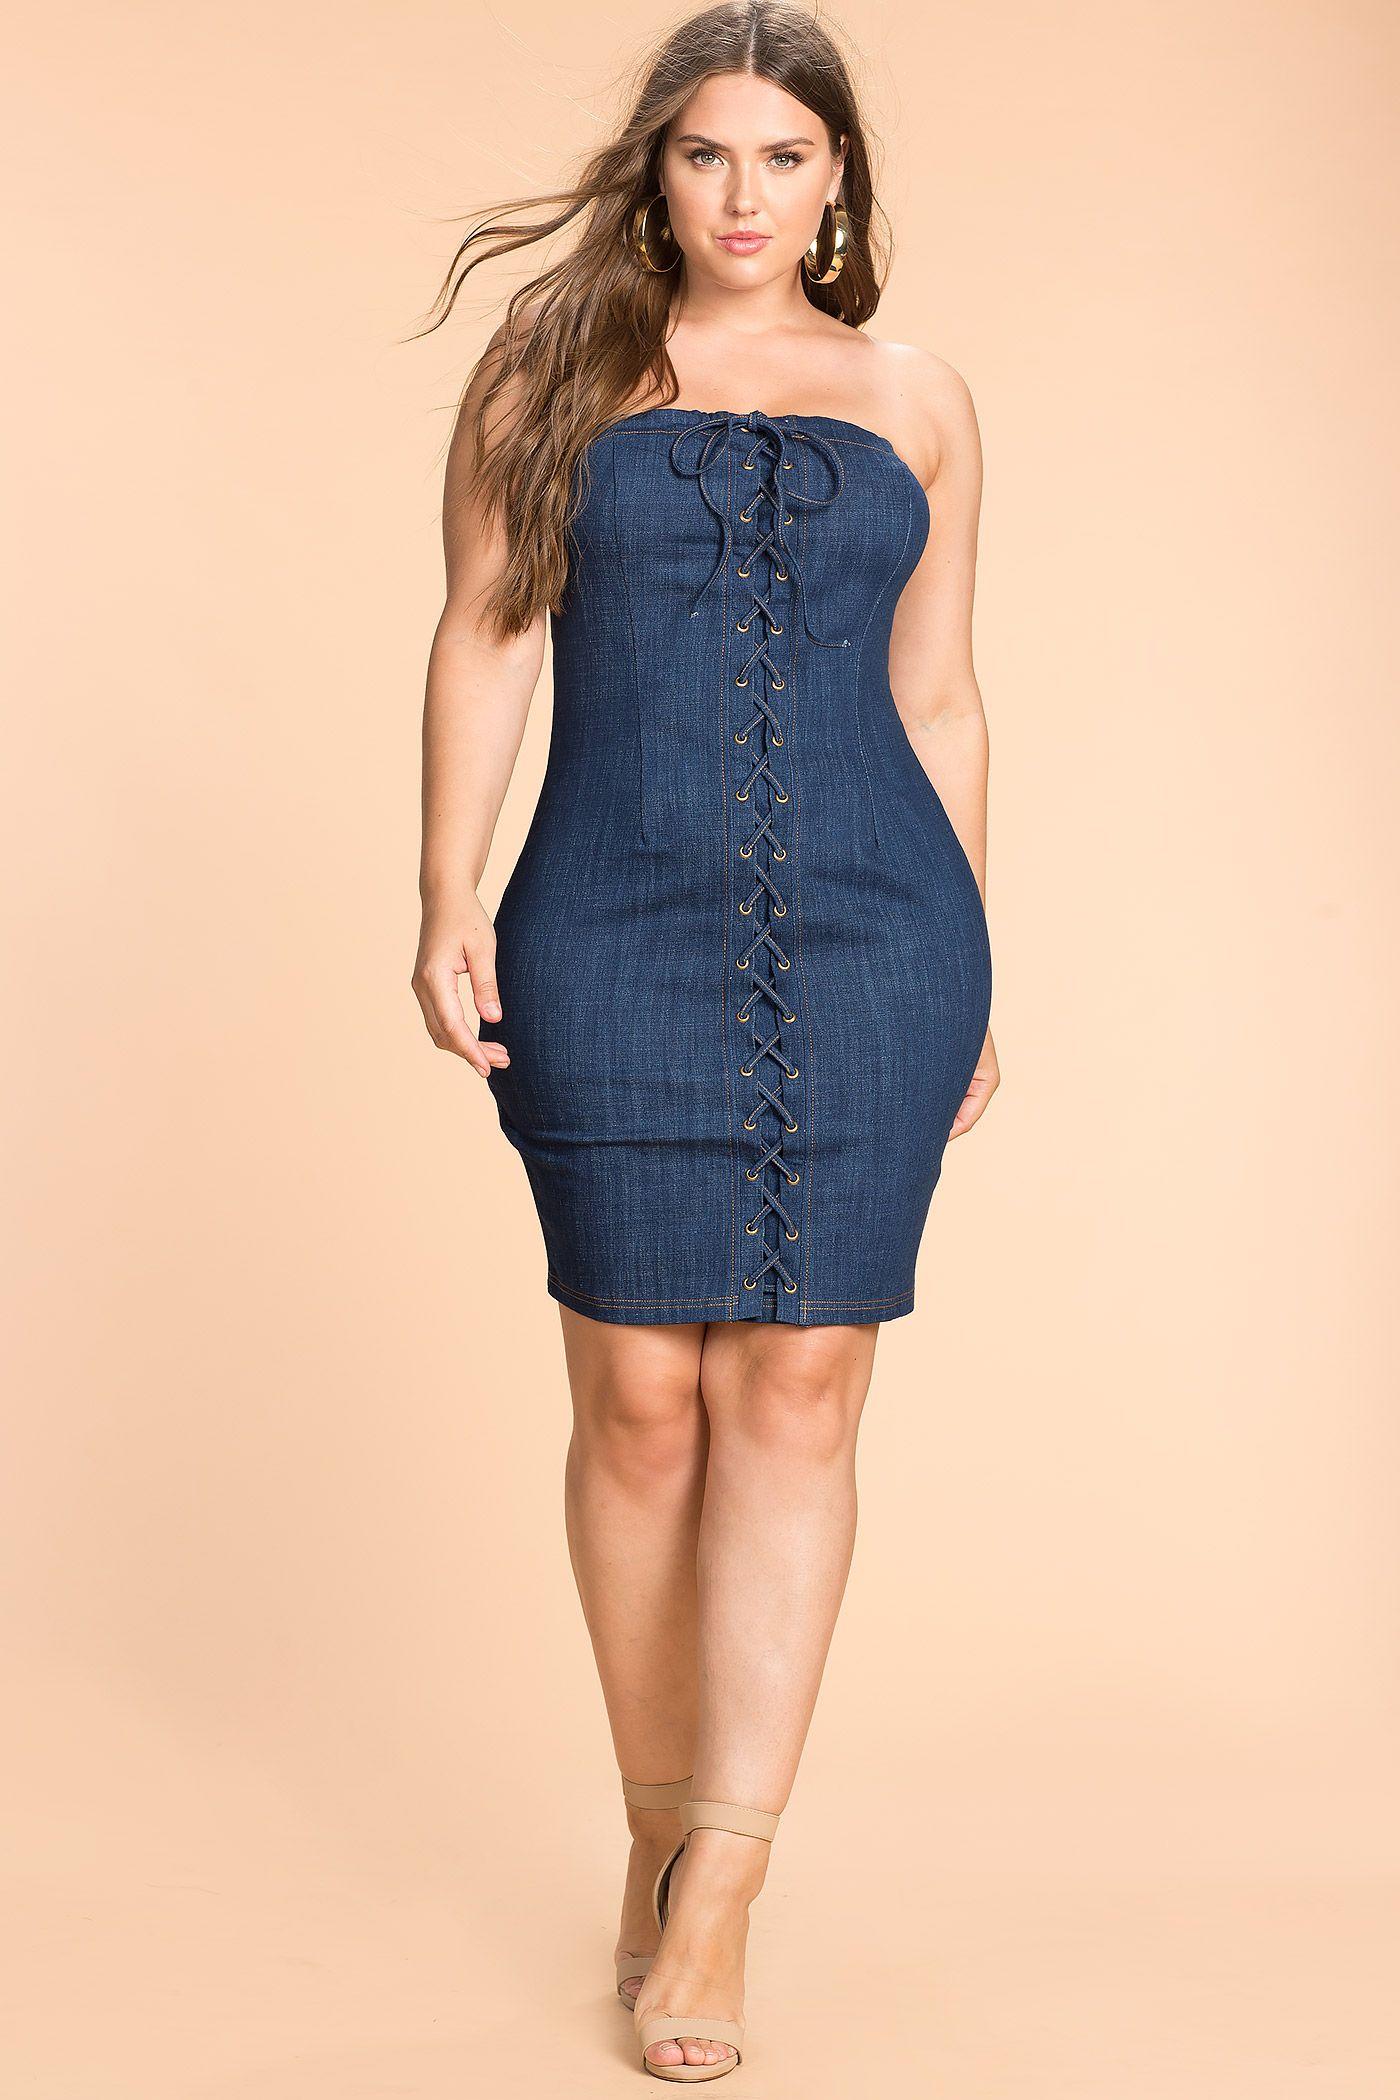 Women\'s Plus Size Bodycon Dresses | Lace Up Tube Denim Dress | A ...